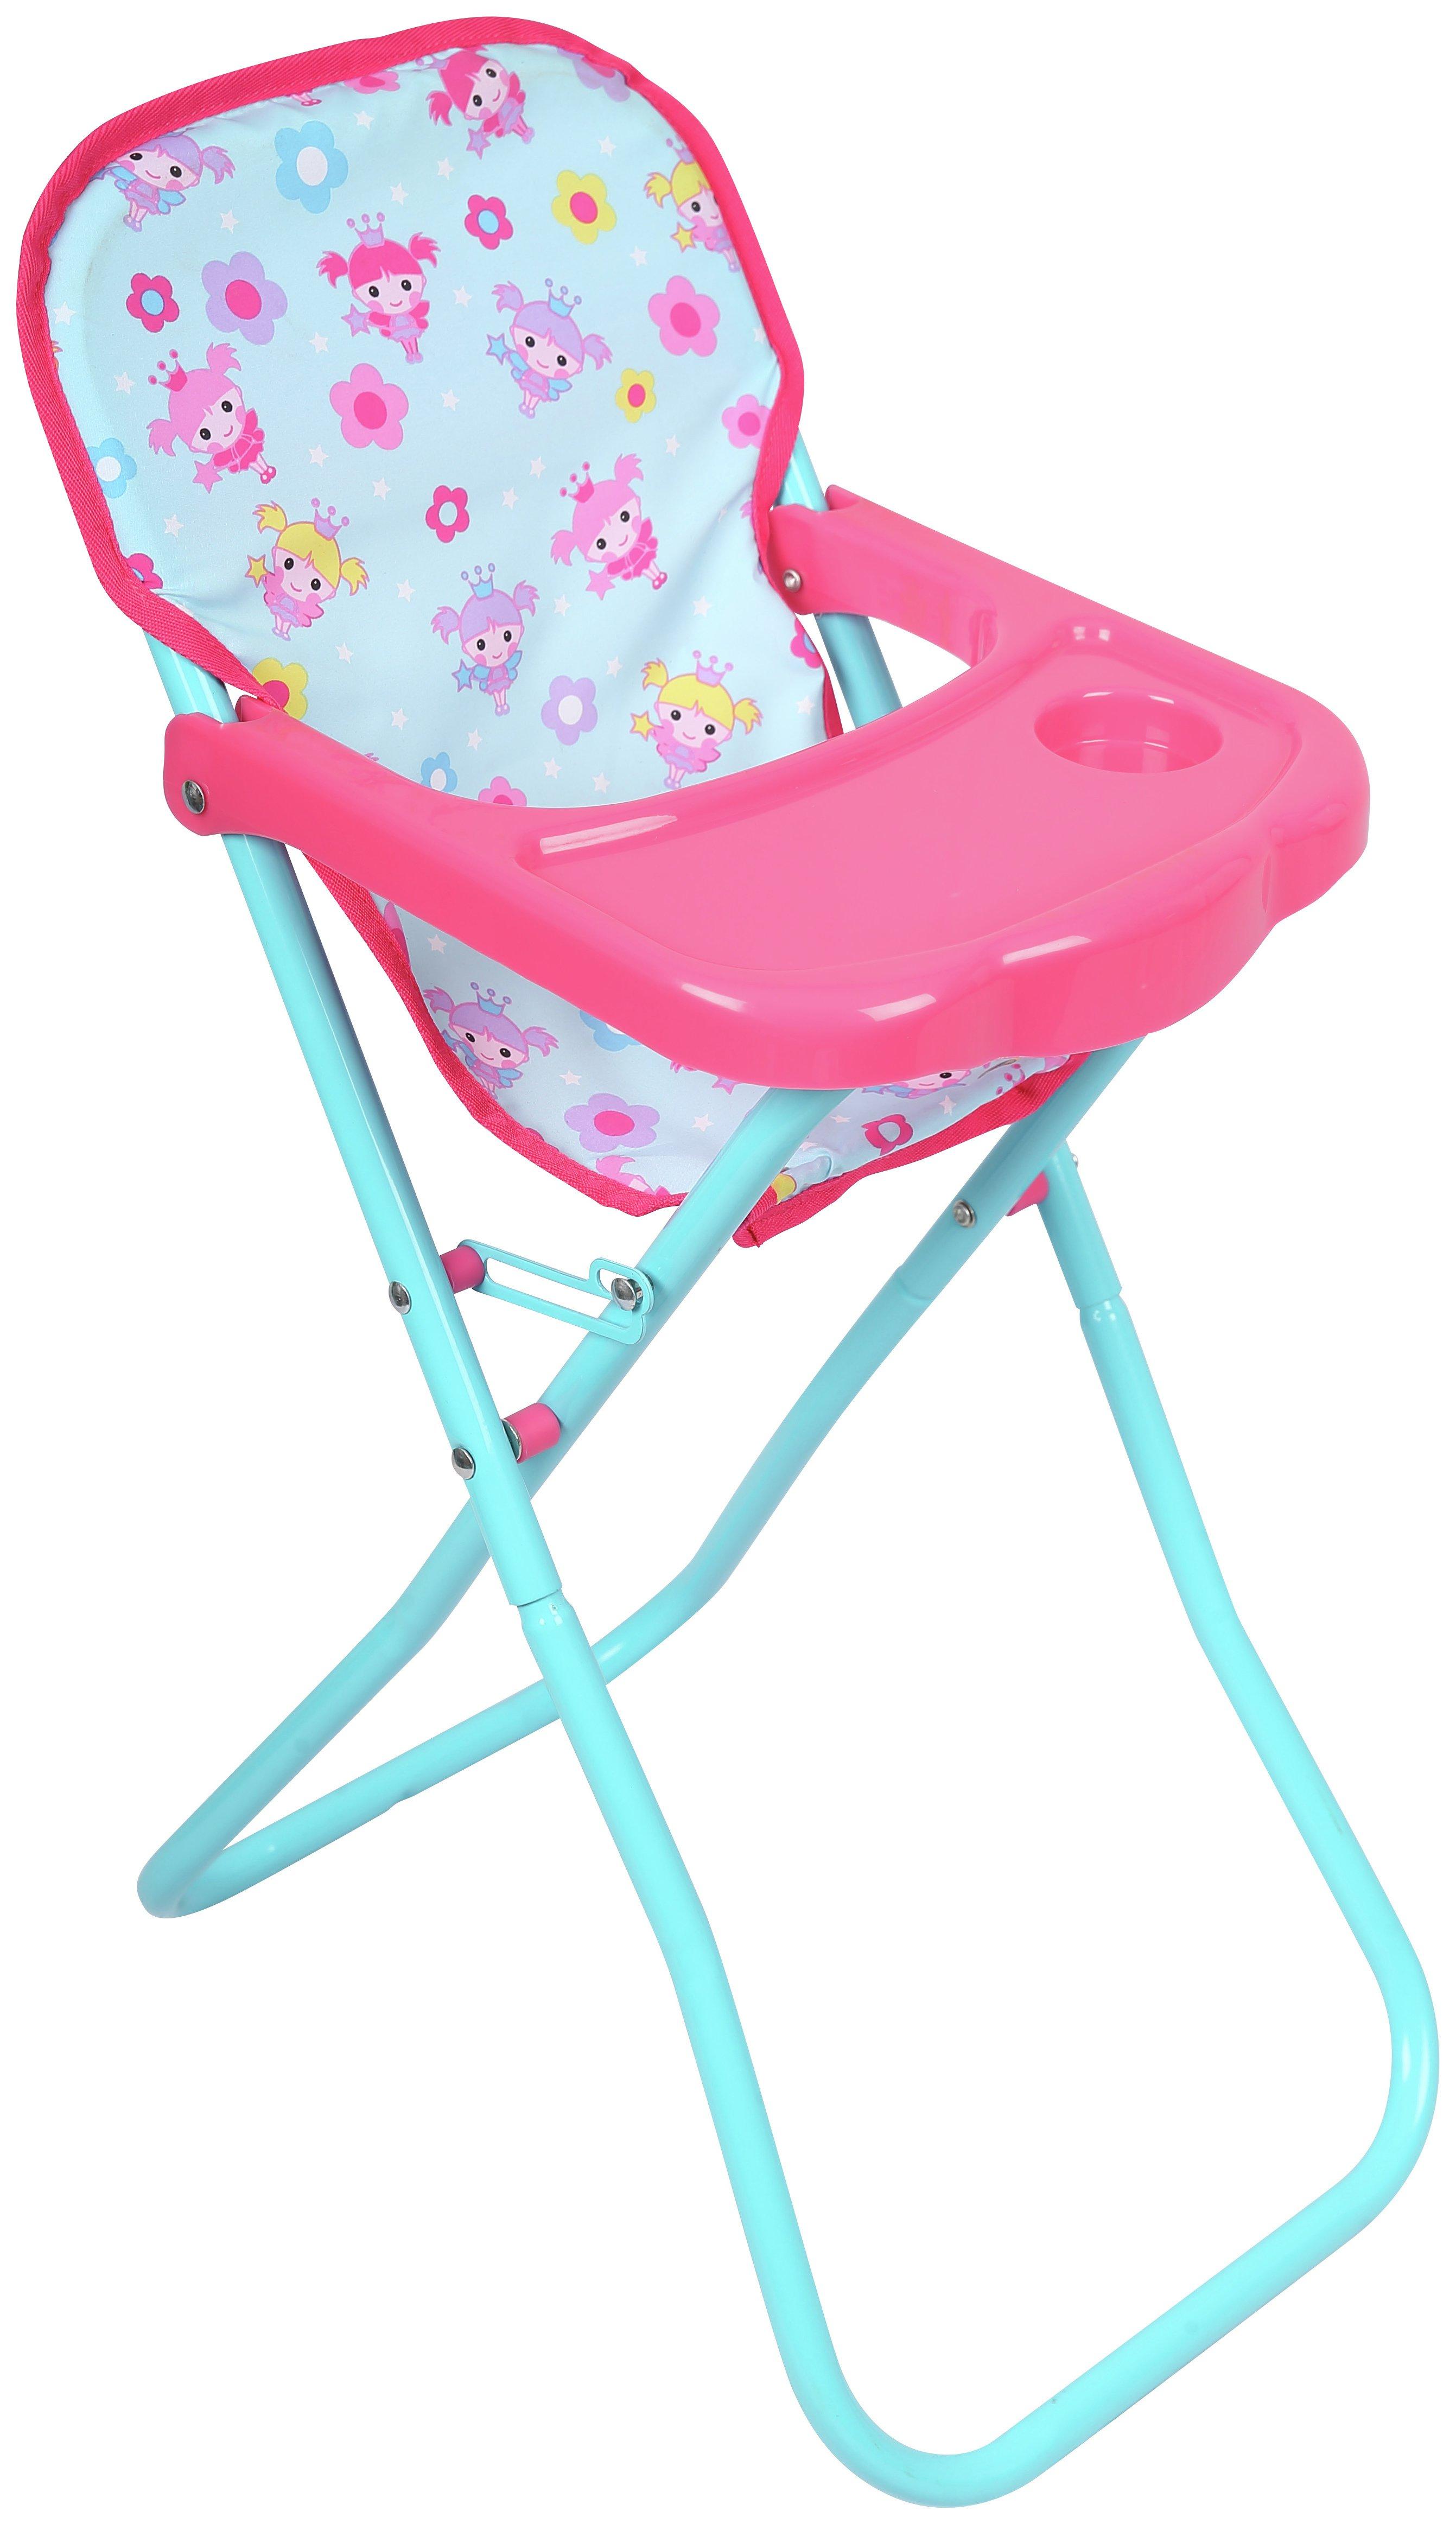 Dollsworld - Deluxe High - Chair